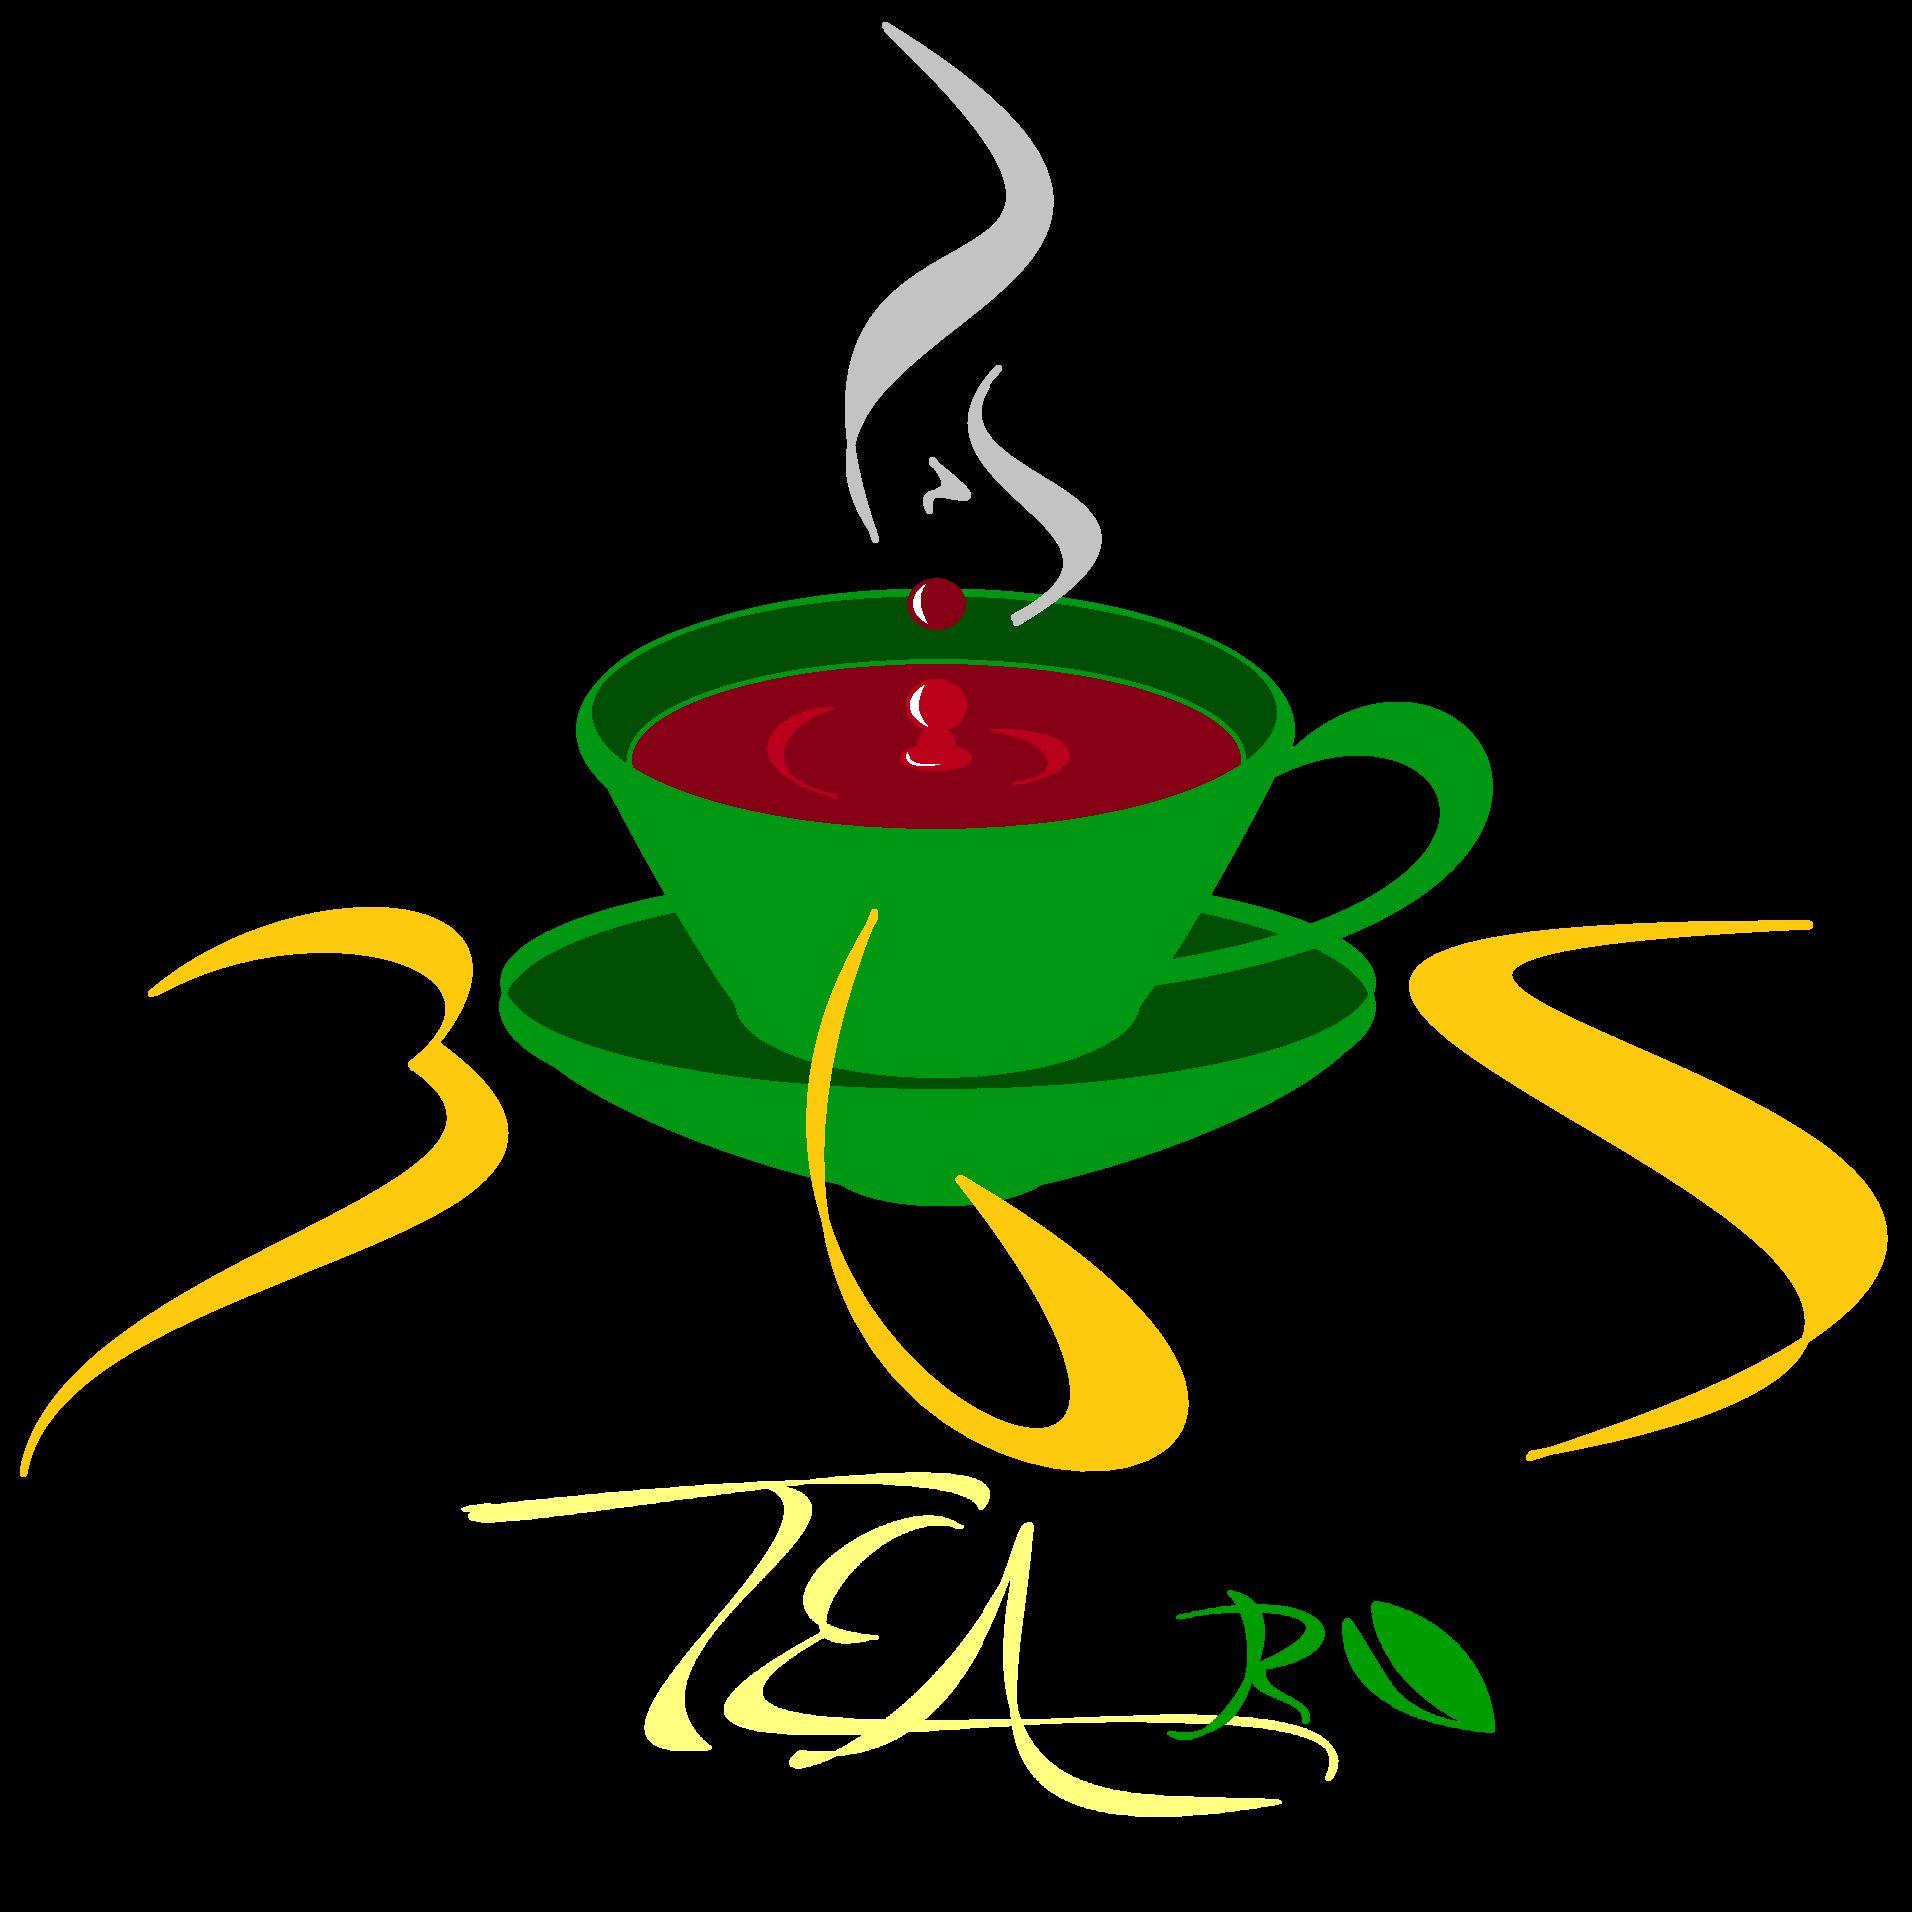 Логотип для 365tea.ru или 365TEA.RU - дизайнер Rijiry